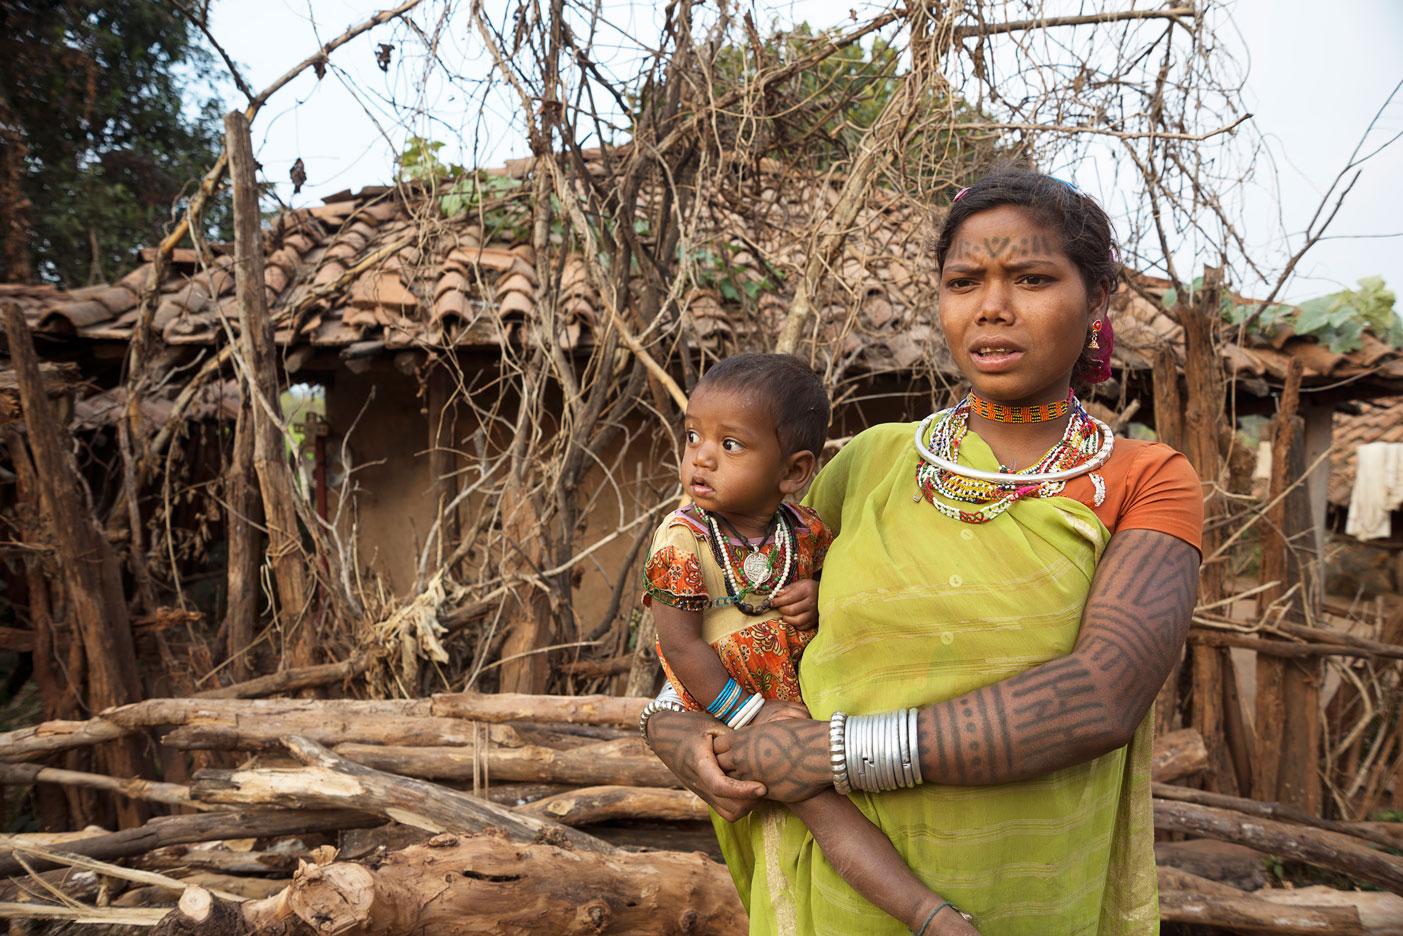 नसबंदी का लक्ष्य बना बैगा आदिवासियों का दुशमन